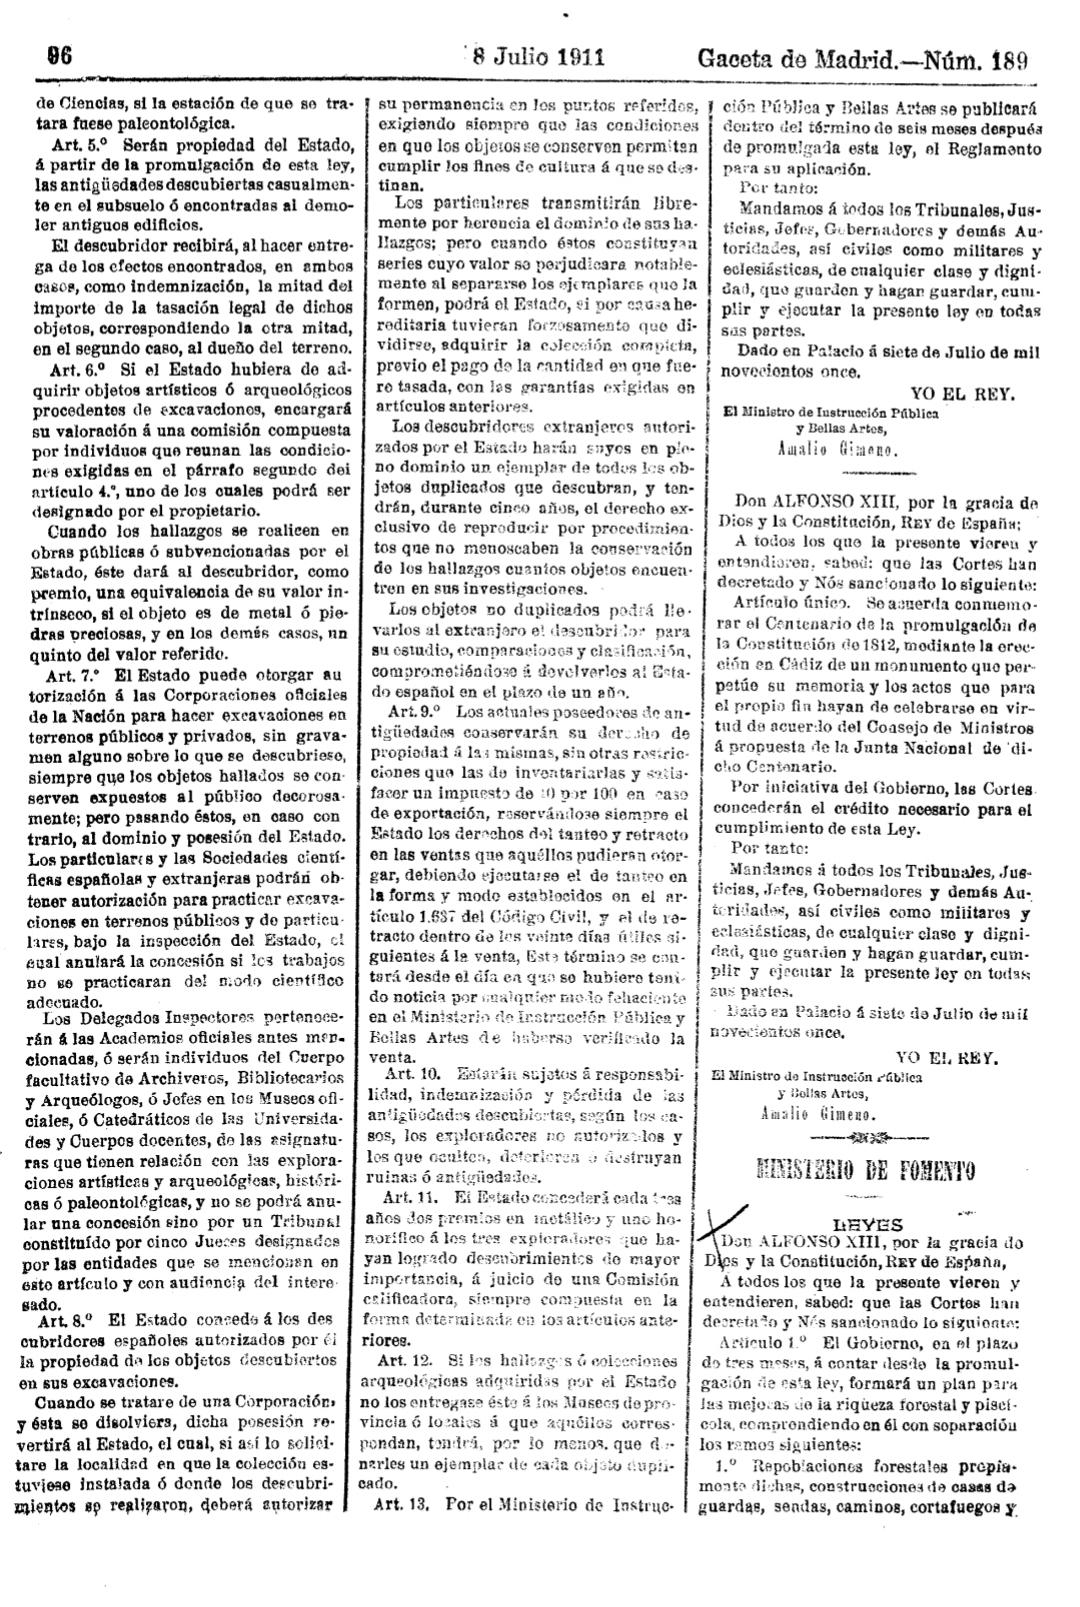 Ley excavaciones arqueológicas de 1911